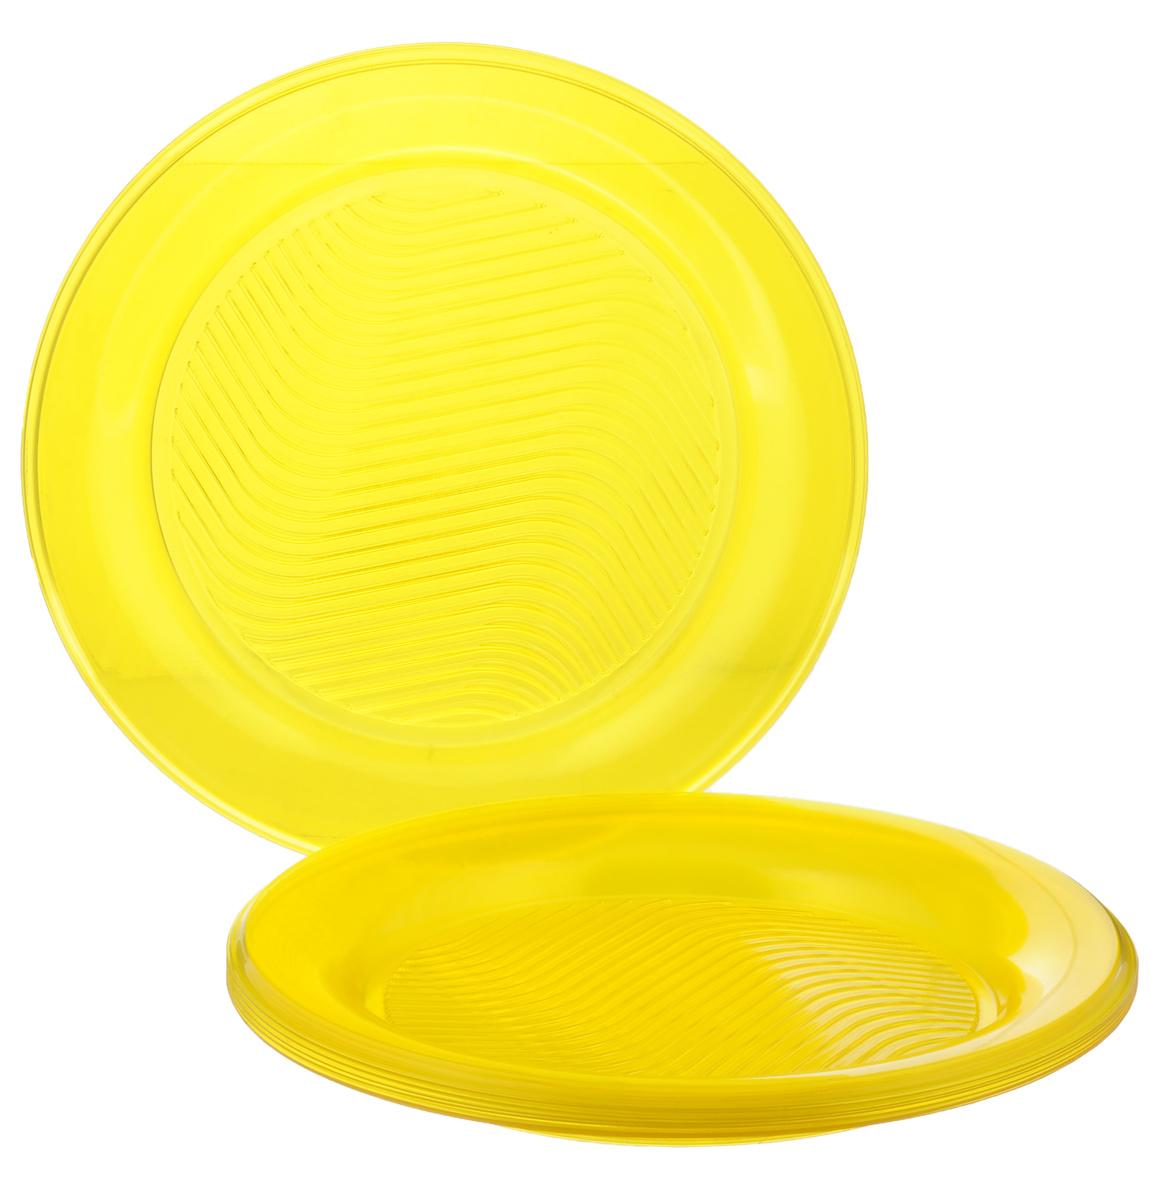 Набор одноразовых тарелок Bibo Super Party, цвет: желтый, диаметр 20,5 см, 10 шт36061_салатовыйНабор Bibo Super Party состоит из 10 круглых тарелок, выполненных из высококачественного пластика и предназначенных для одноразового использования. Изделия декорированы рельефным узором.Одноразовые тарелки будут незаменимы при поездках на природу, пикниках и других мероприятиях. Они не займут много места, легки и самое главное - после использования их не надо мыть.Диаметр тарелки: 20,5 см.Высота тарелки: 1,5 см.